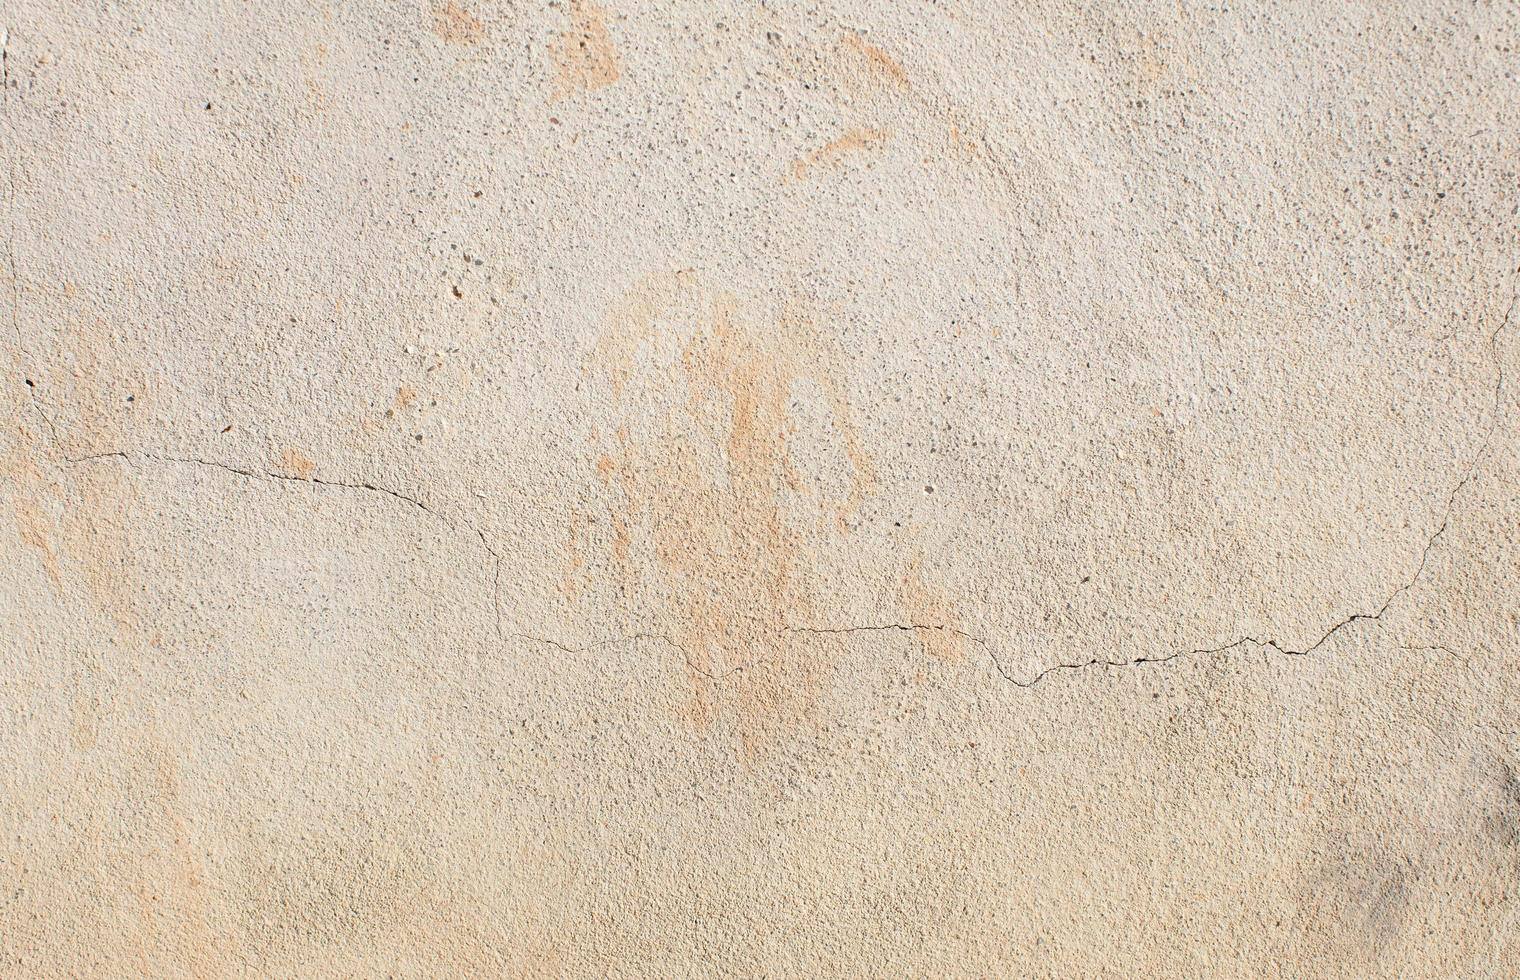 struttura della parete beige foto